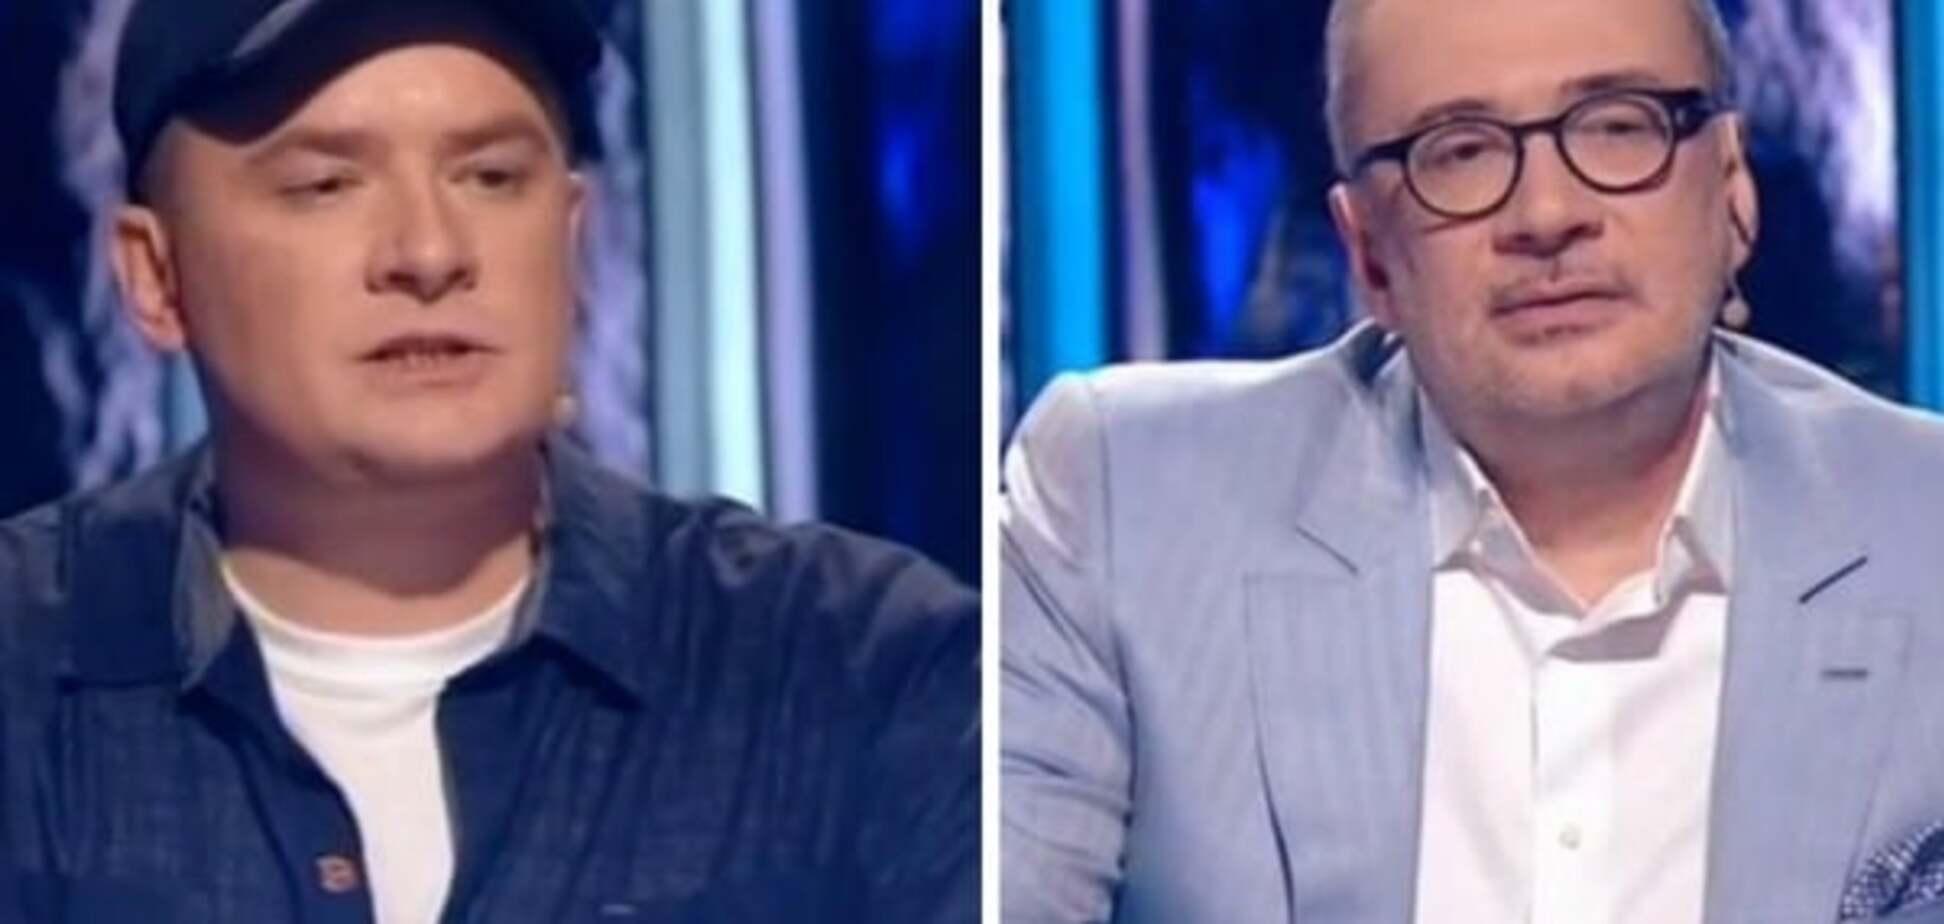 Скандал на Євробаченні 2016: Данилко посварився з Меладзе в прямому ефірі через SunSay